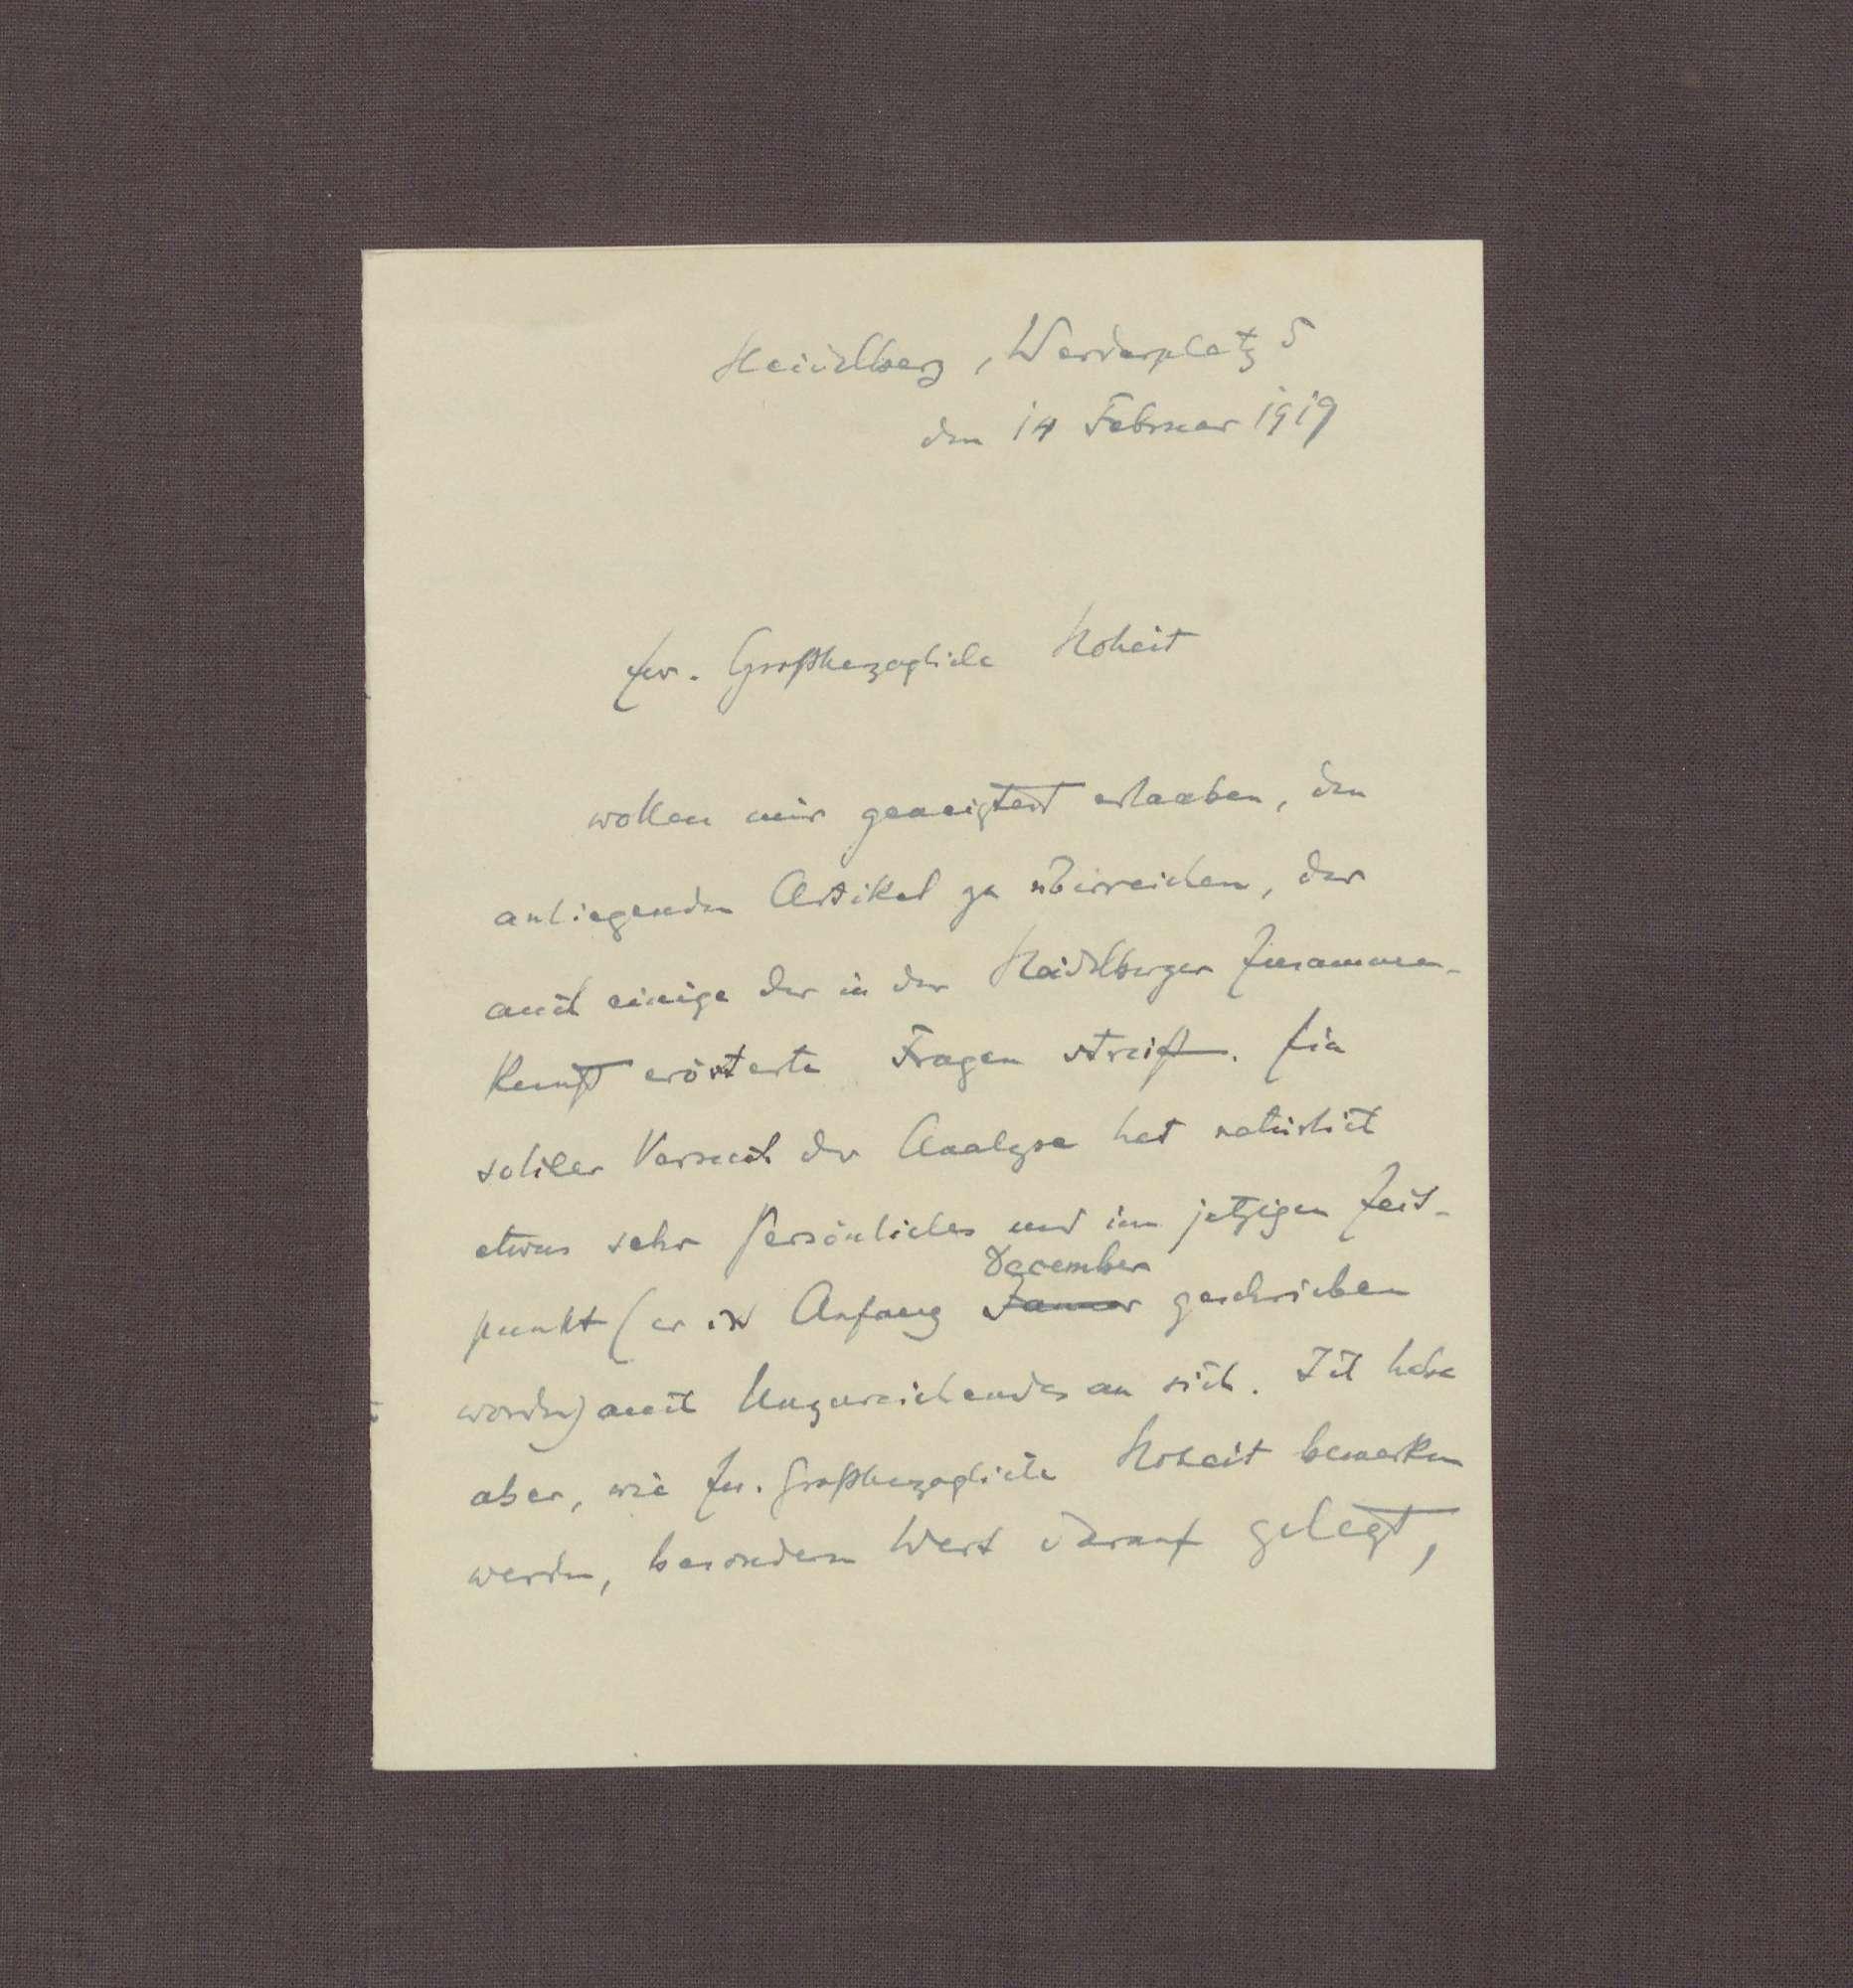 Schreiben von Hermann Oncken an Prinz Max von Baden; Zusendung eines Artikels von Hermann Oncken; Taktik bei den Verhandlungen in Versailles; Äußerungen Max Webers zu den Friedensverhandlungen, Bild 1